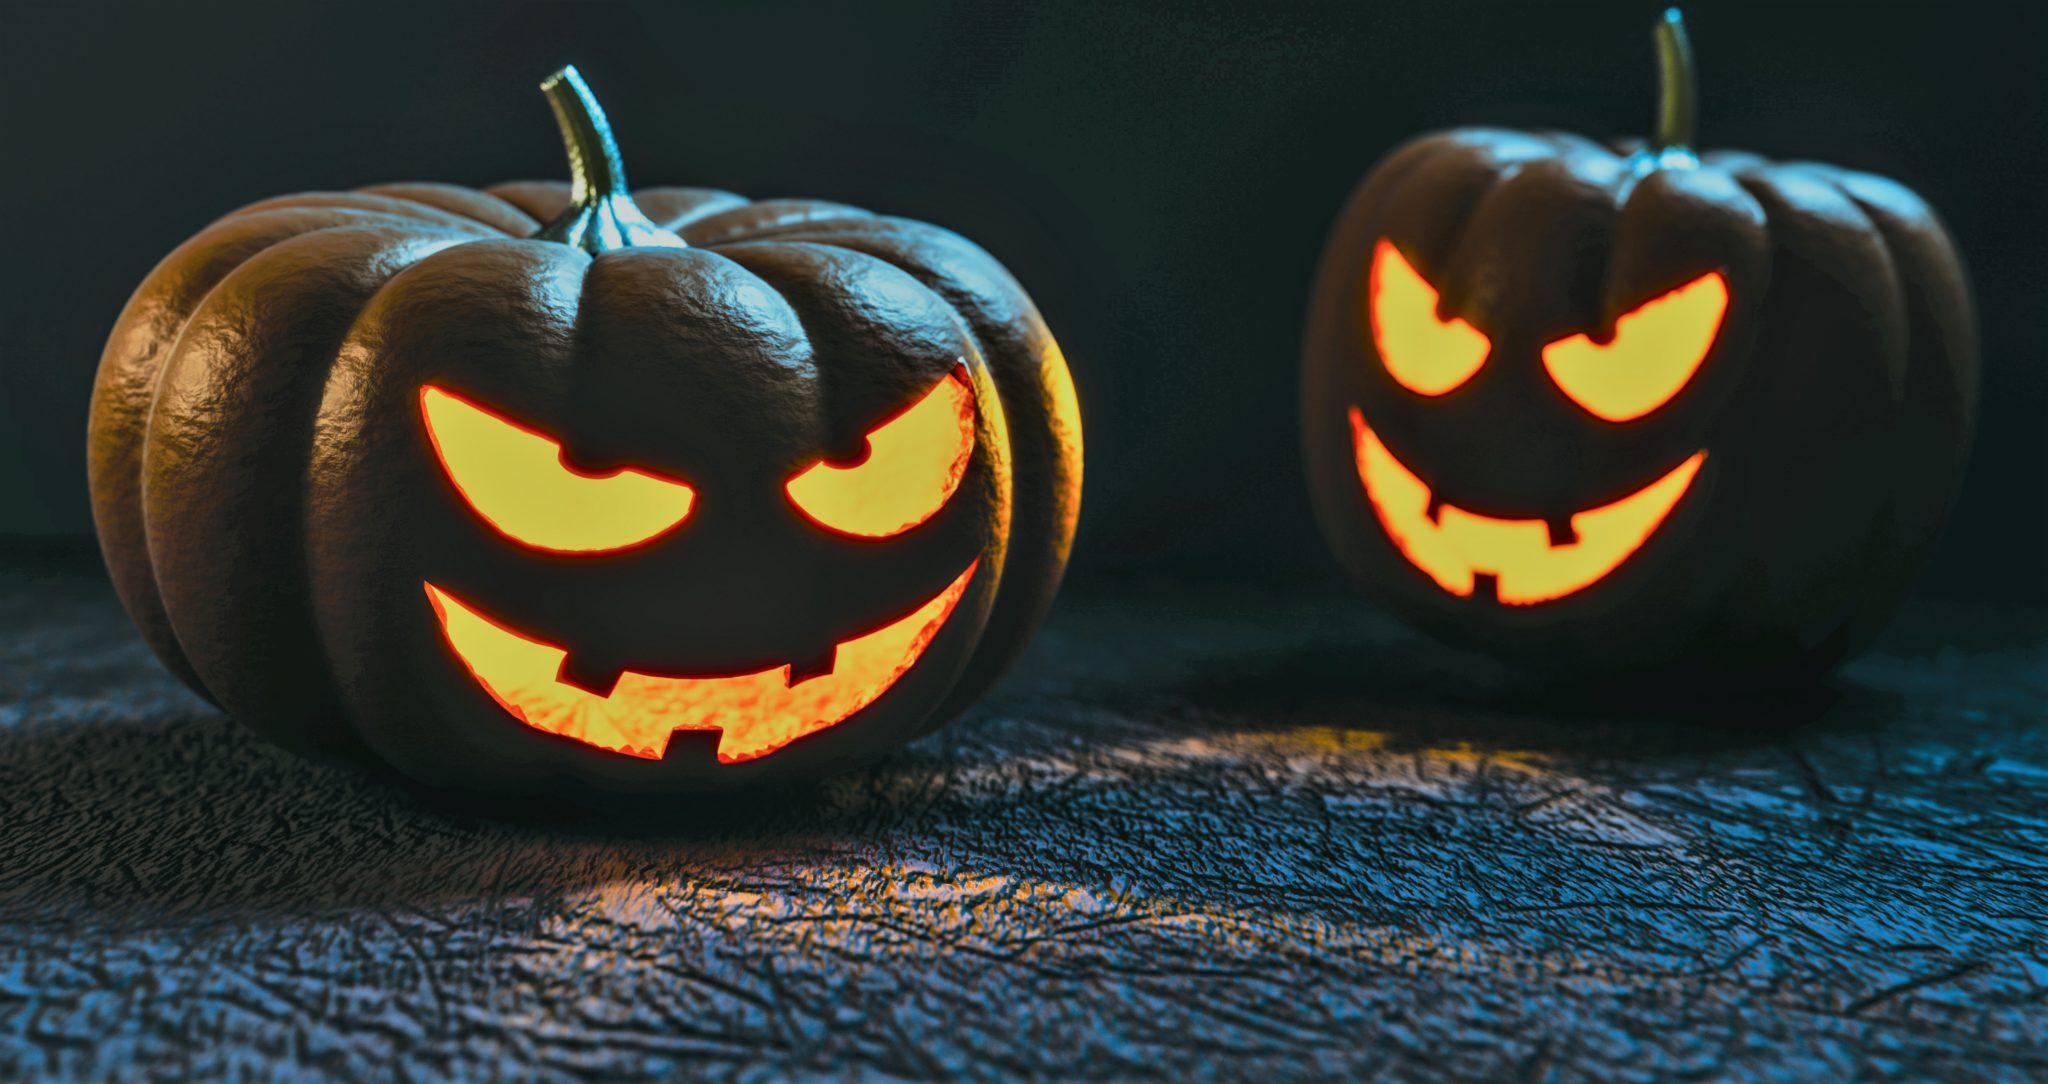 halloween pumpkin carving face 1 - Home